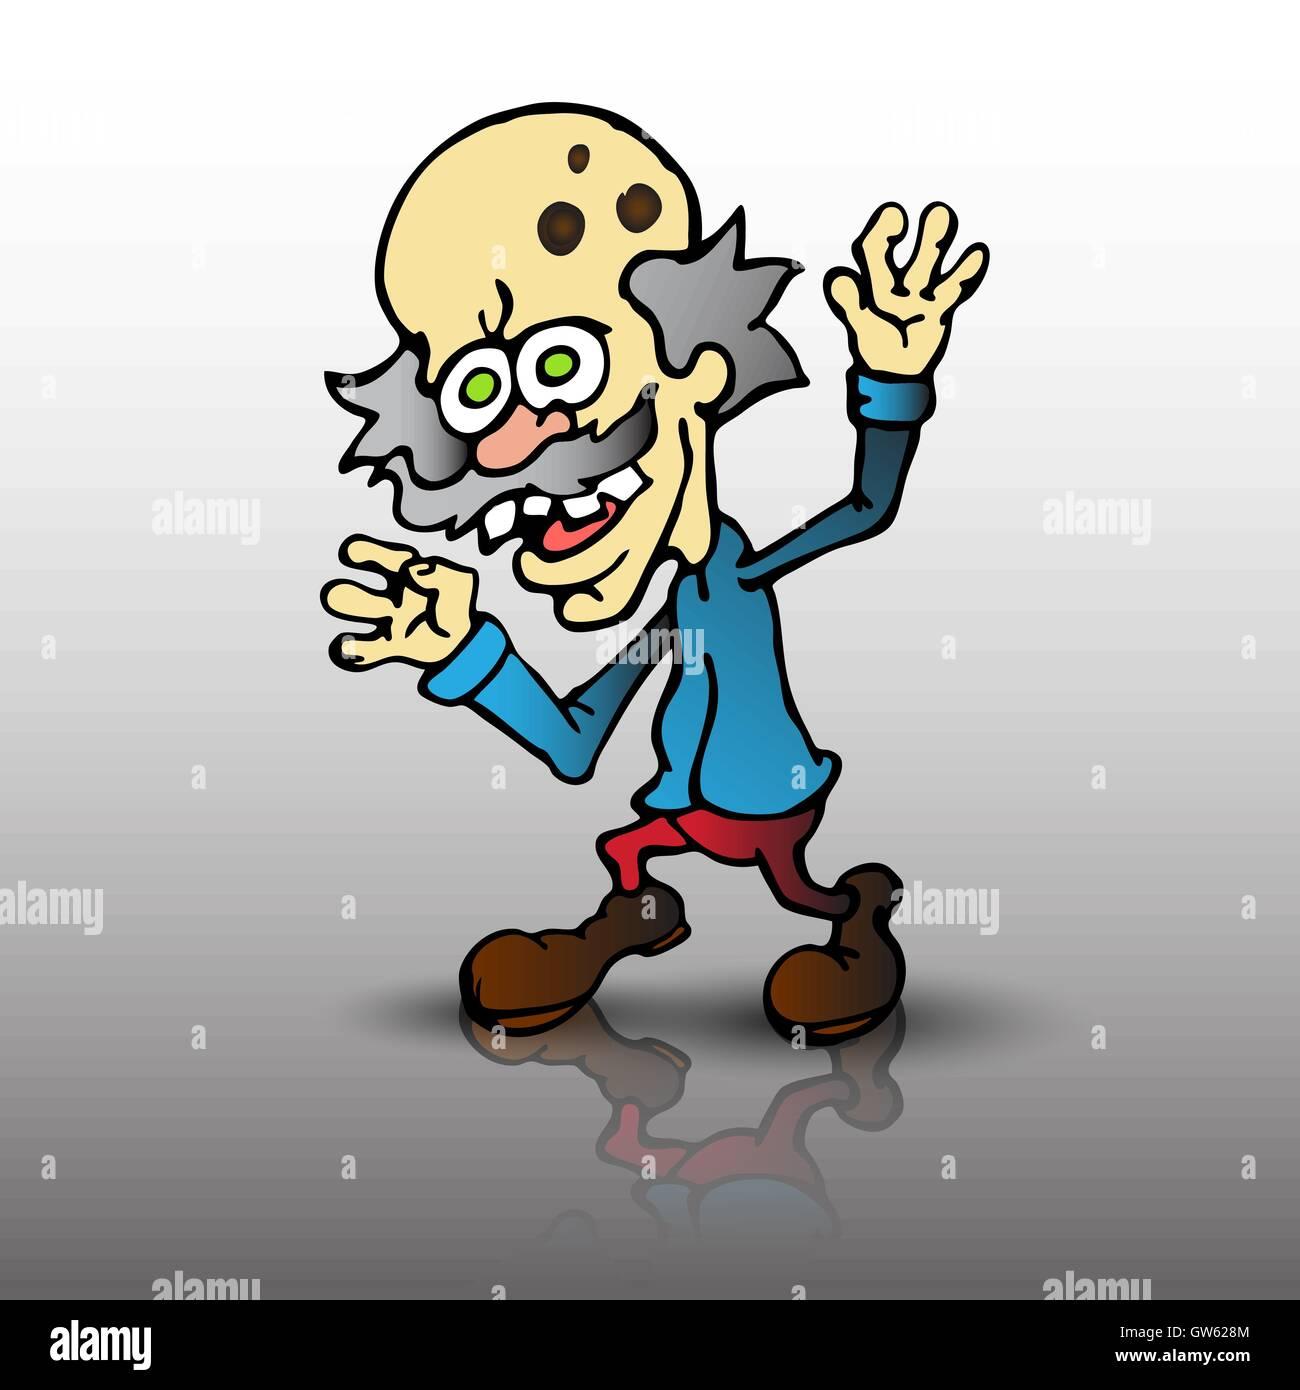 evil cartoon scientist - HD1000×1080